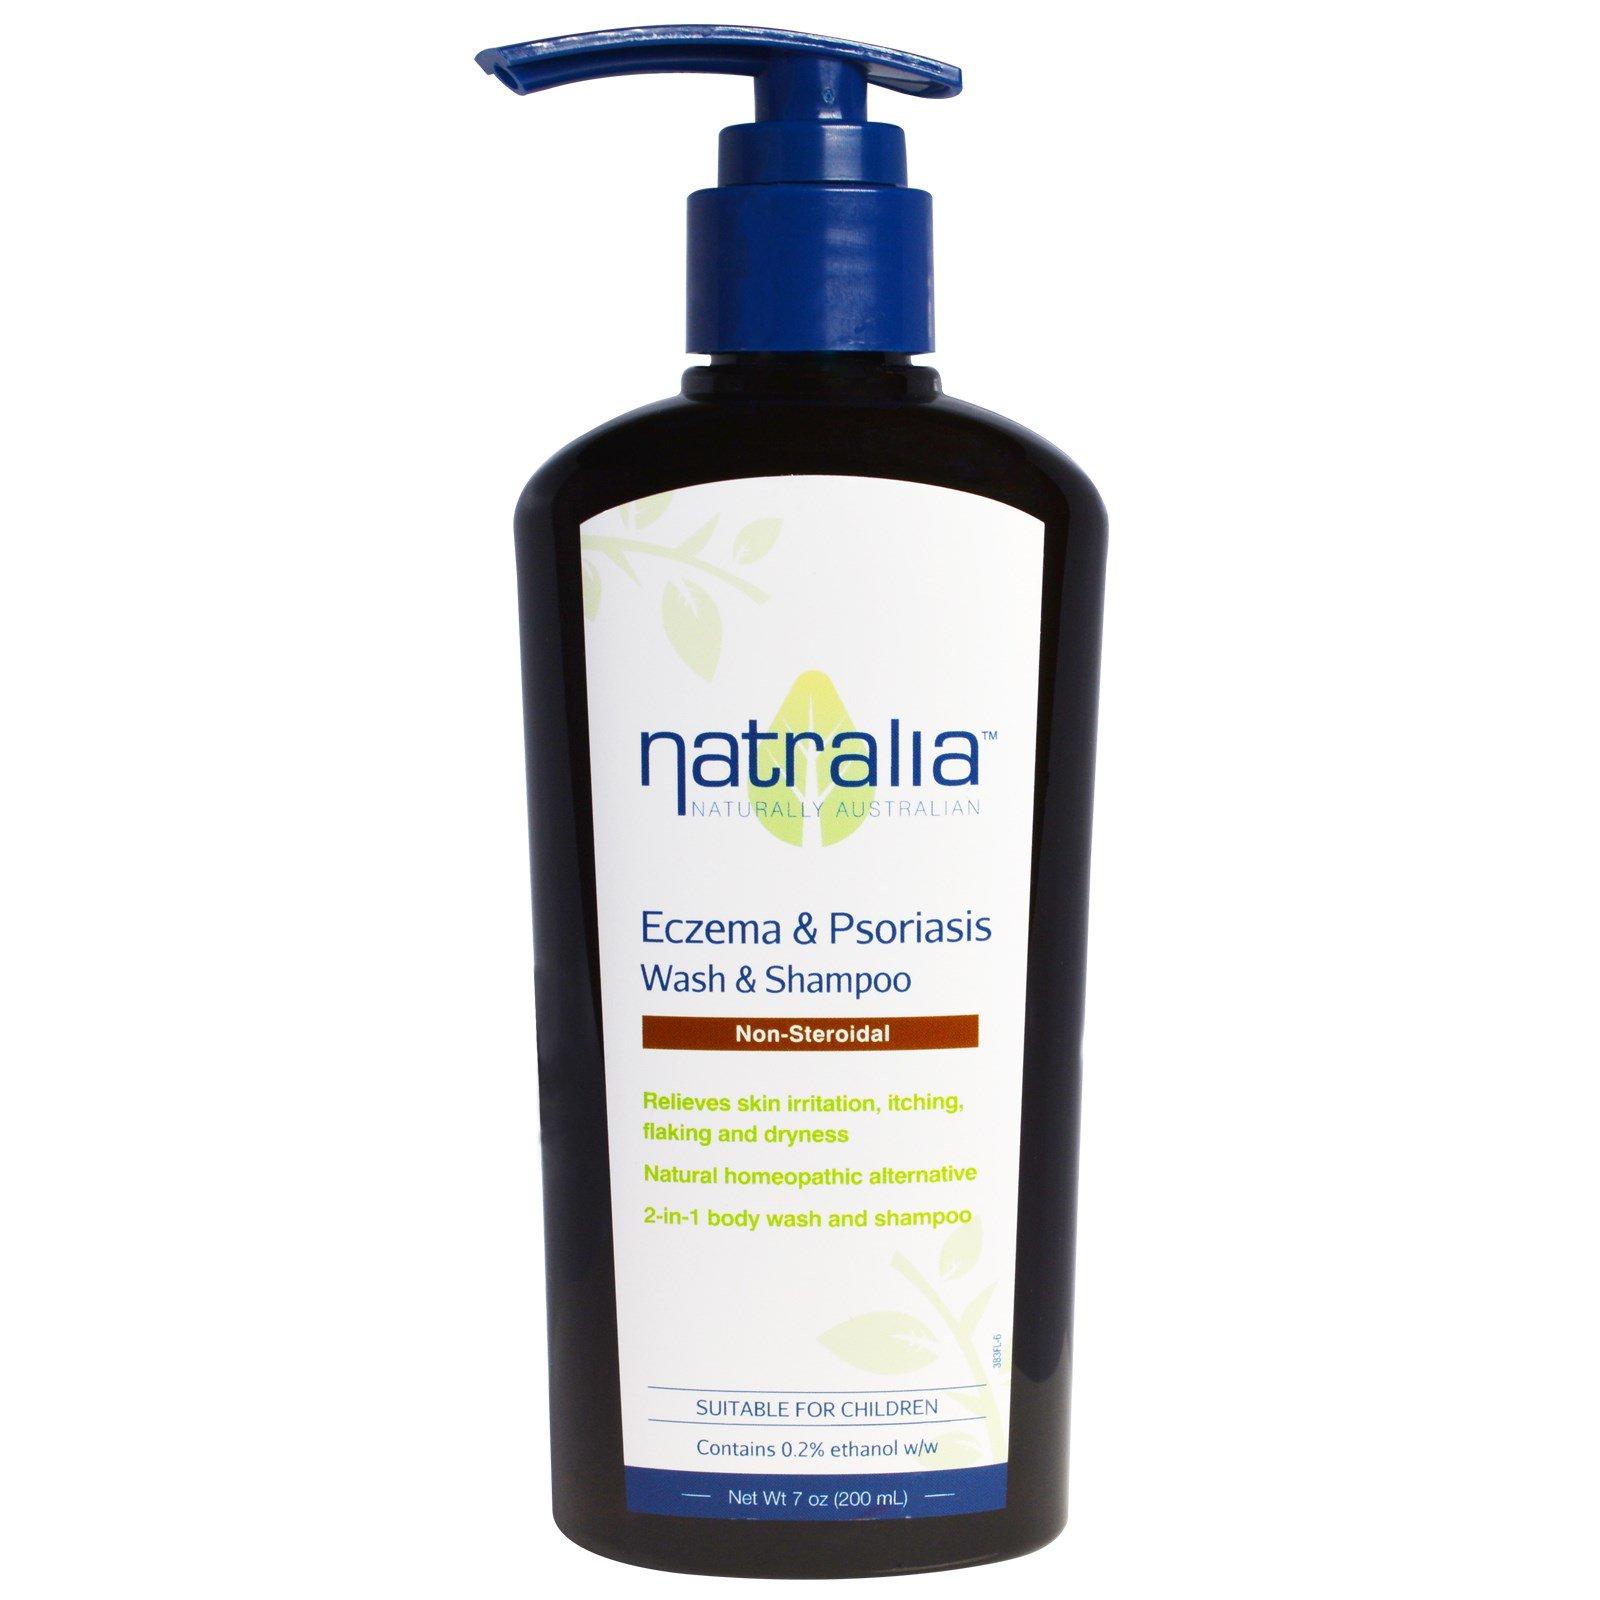 Natralia, Средство для купания и шампунь против экземы и псориаза, 200 мл (7 fl oz)